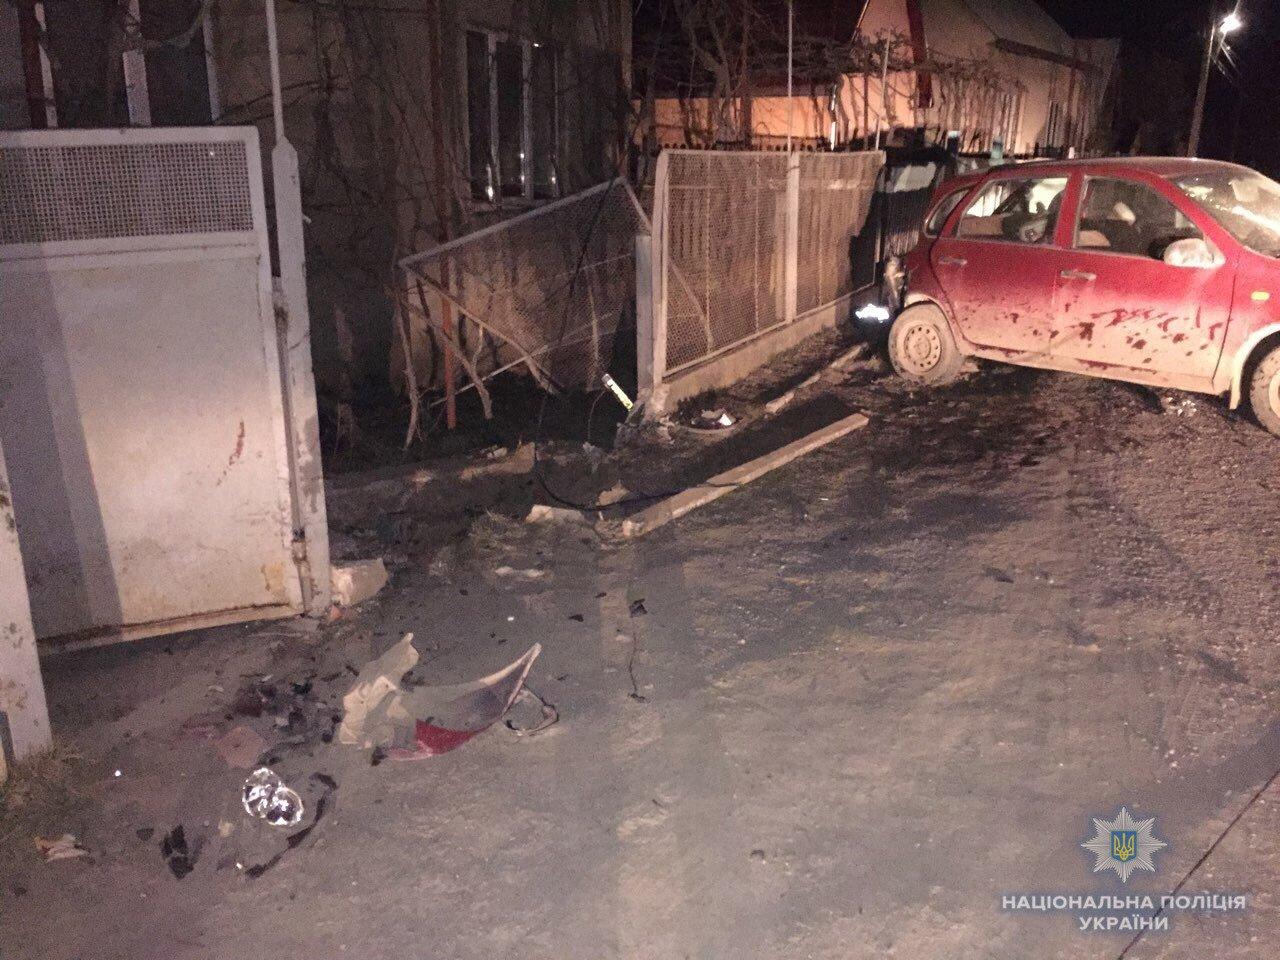 Моторошна ДТП на Закарпатті: п'яний водій залишив помирати збитого пішохода та травмовану дитину (ФОТО), фото-2